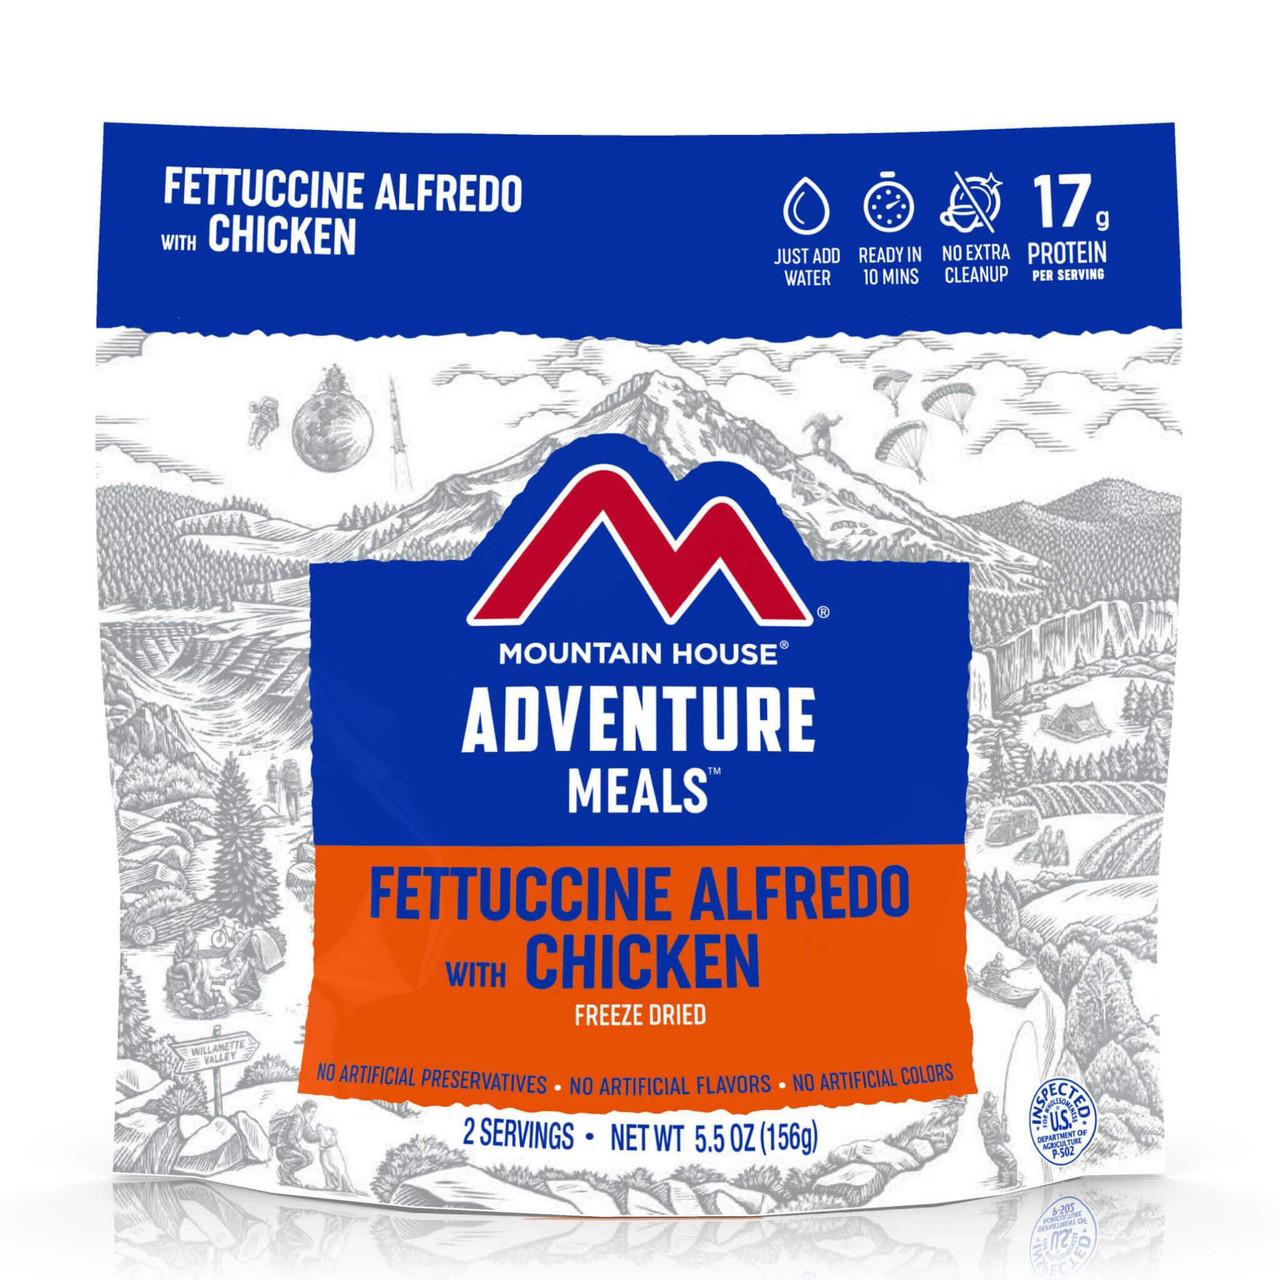 NEW 2021 Mountain House Fettuccine Alfredo w/ Chicken